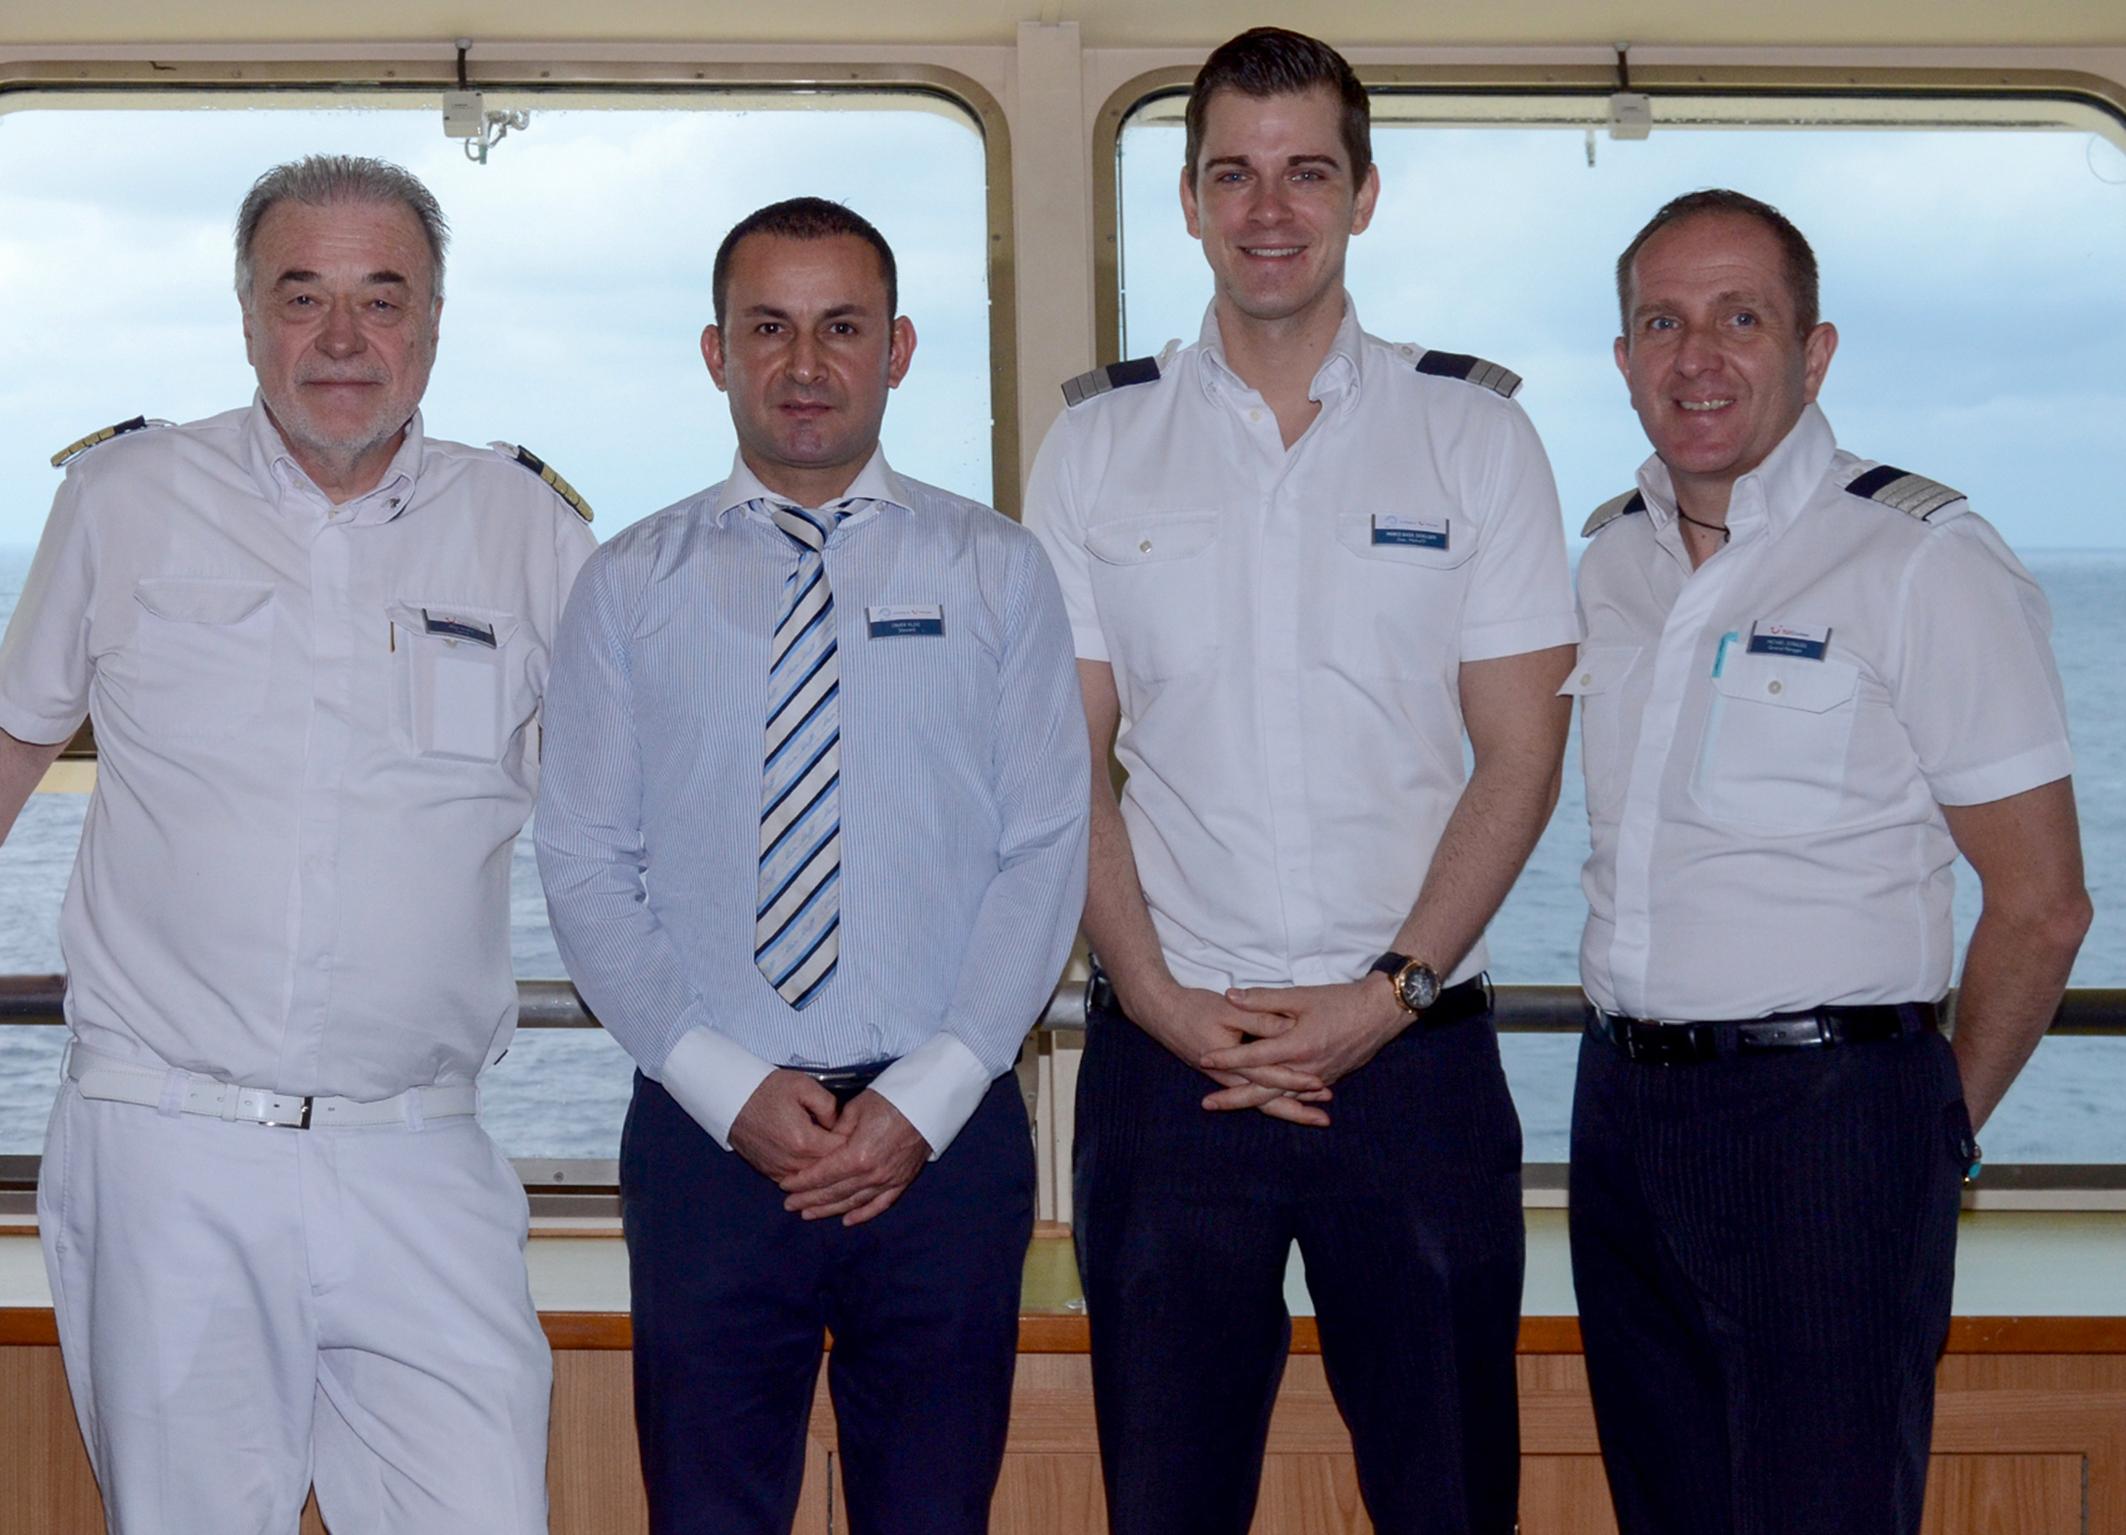 Urlaubsheld Enver Yildiz, Steward auf der Mein Schiff 1